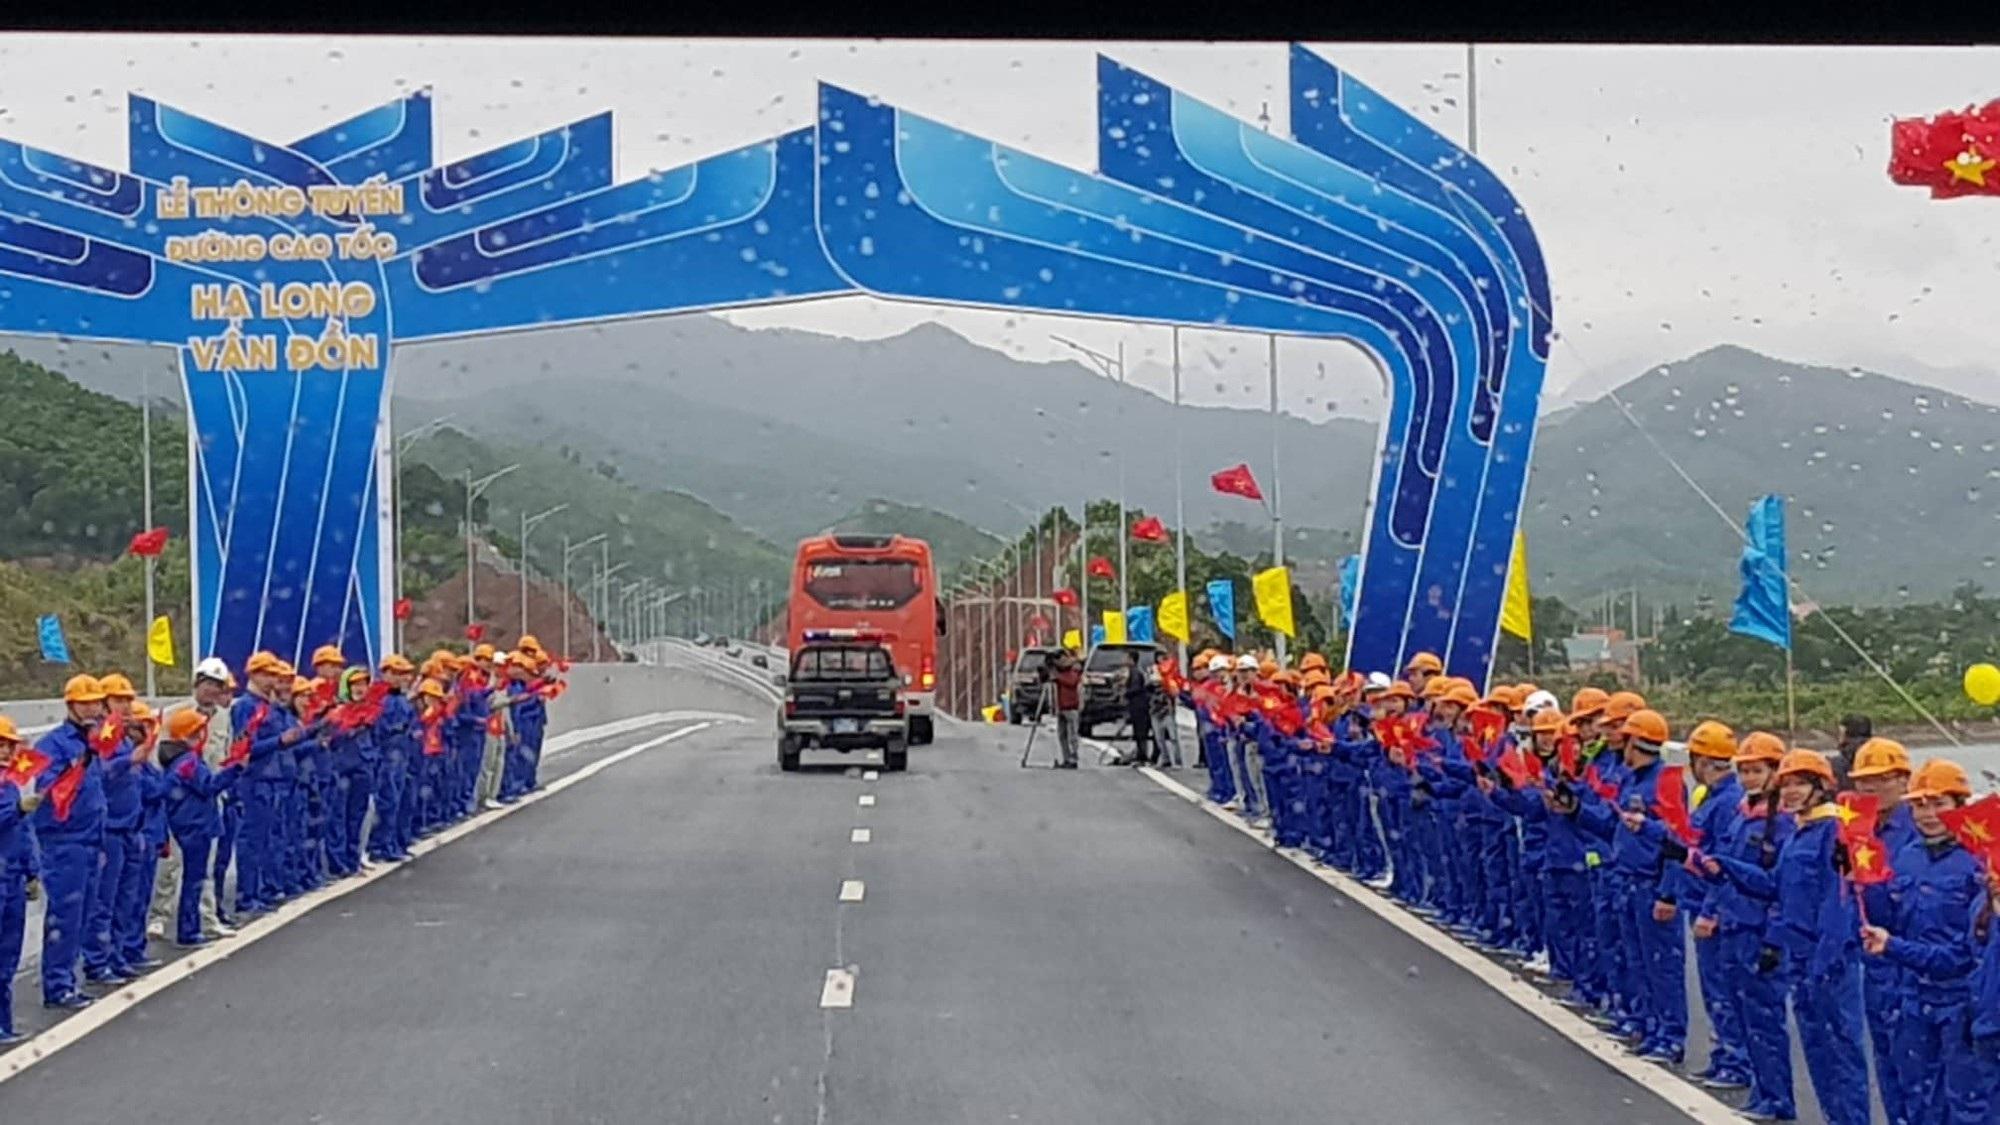 Thủ tướng nhấn nút khai trương cao tốc 12 nghìn tỉ Hạ Long- Vân Đồn và Cảng tàu khách du lịch quốc tế Hạ Long - Ảnh 2.